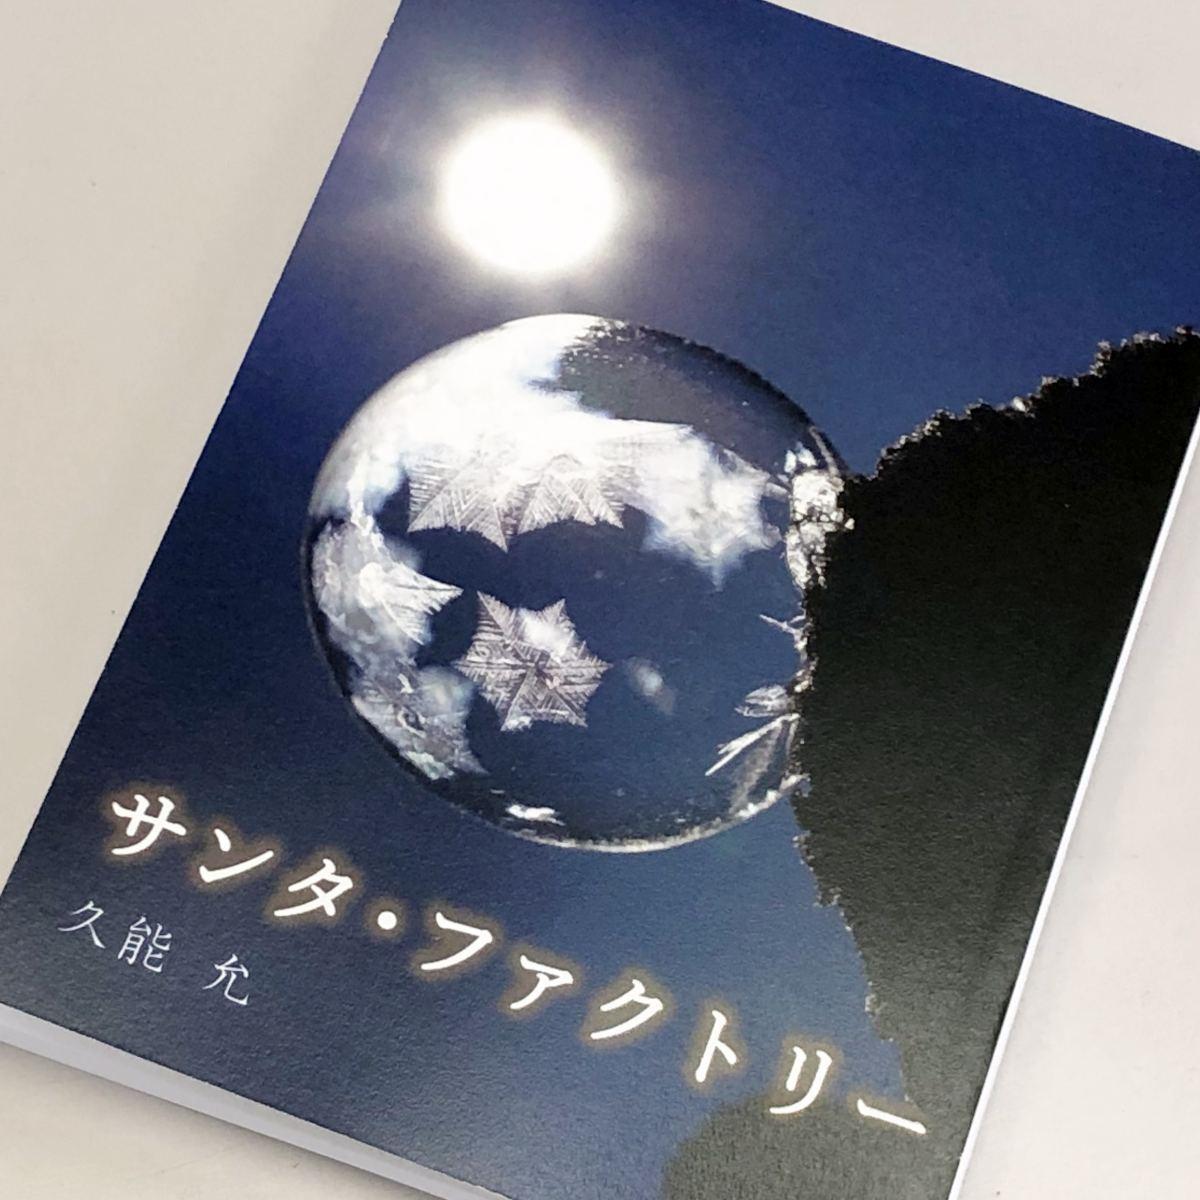 秋田市大町2丁目の書店店主が発行した短編集「サンタ・ファクトリー」